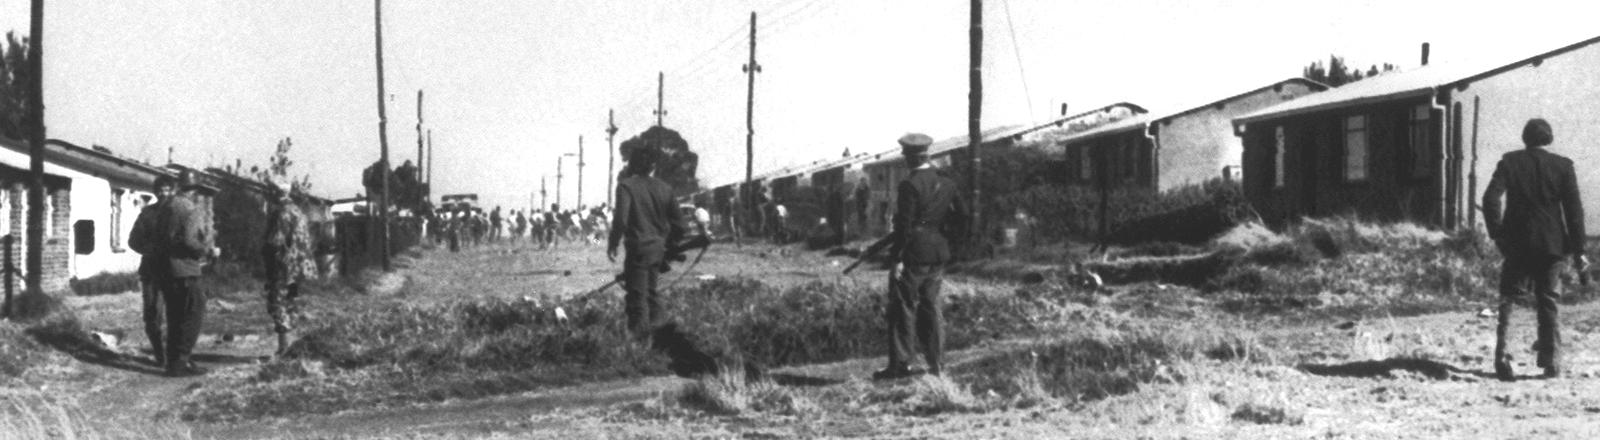 Ein starkes Polizeiaufgebot durchkämmt am 17.Juni 1976, dem zweiten Tag der Unruhen, Soweto. Rassenunruhen brachen im ganzen Land aus, nachdem am 16. Juni 1976 ein Protestmarsch von Schülern in Soweto